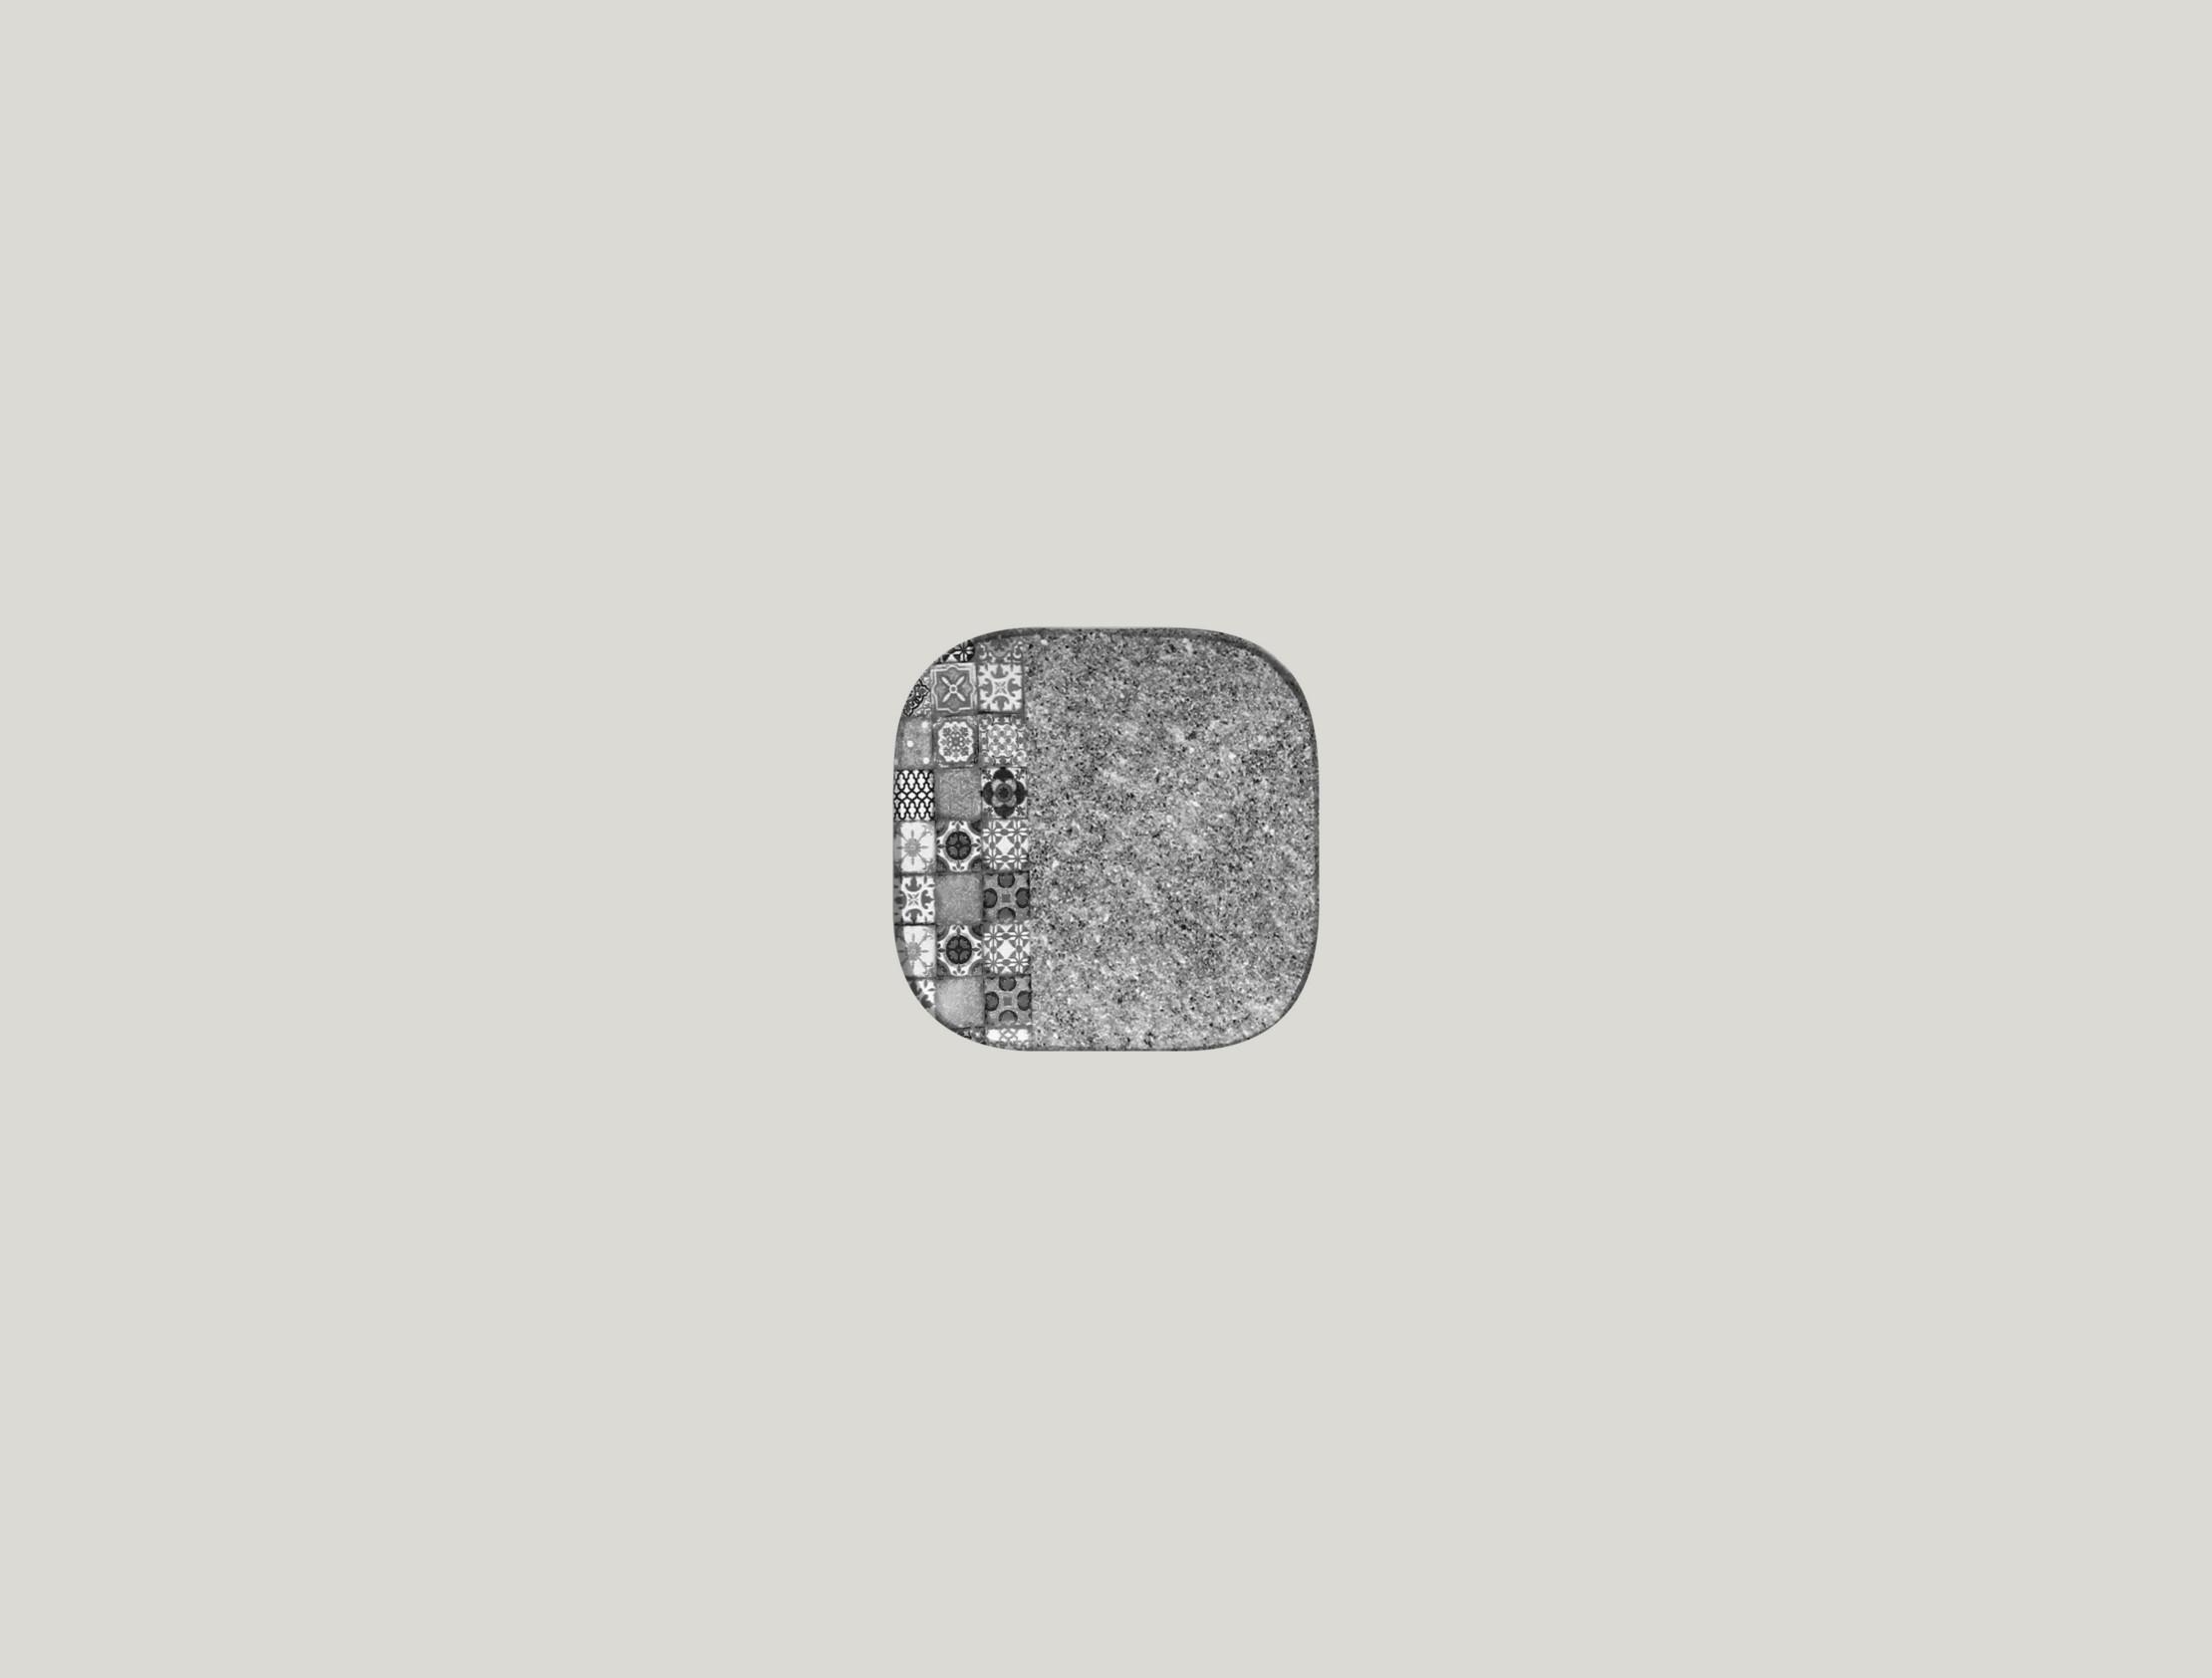 Talíř čtvercový 11 x 11 cm - šedá